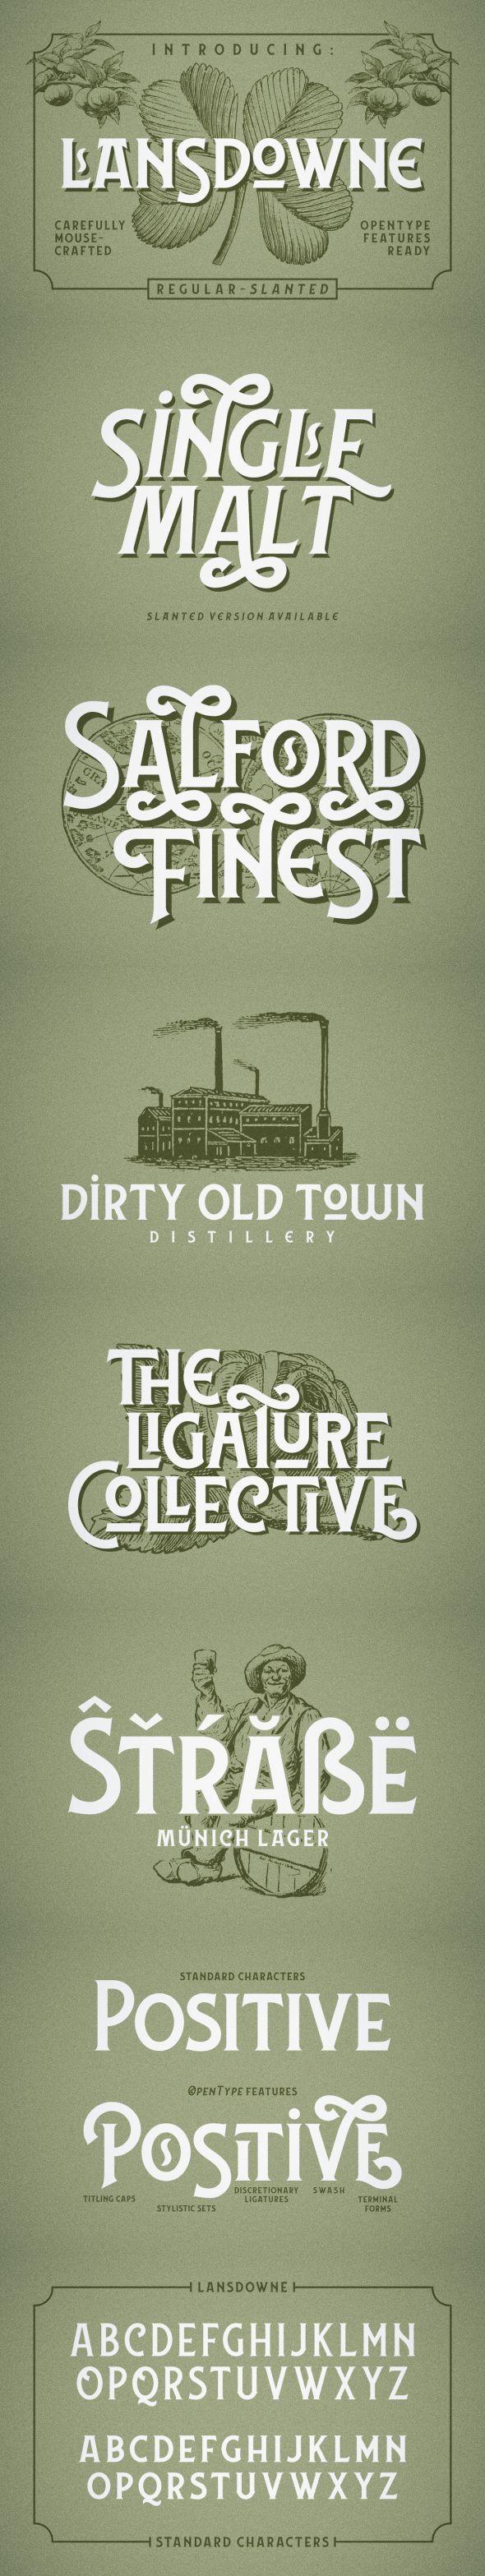 Lansdowne - Serif Fonts